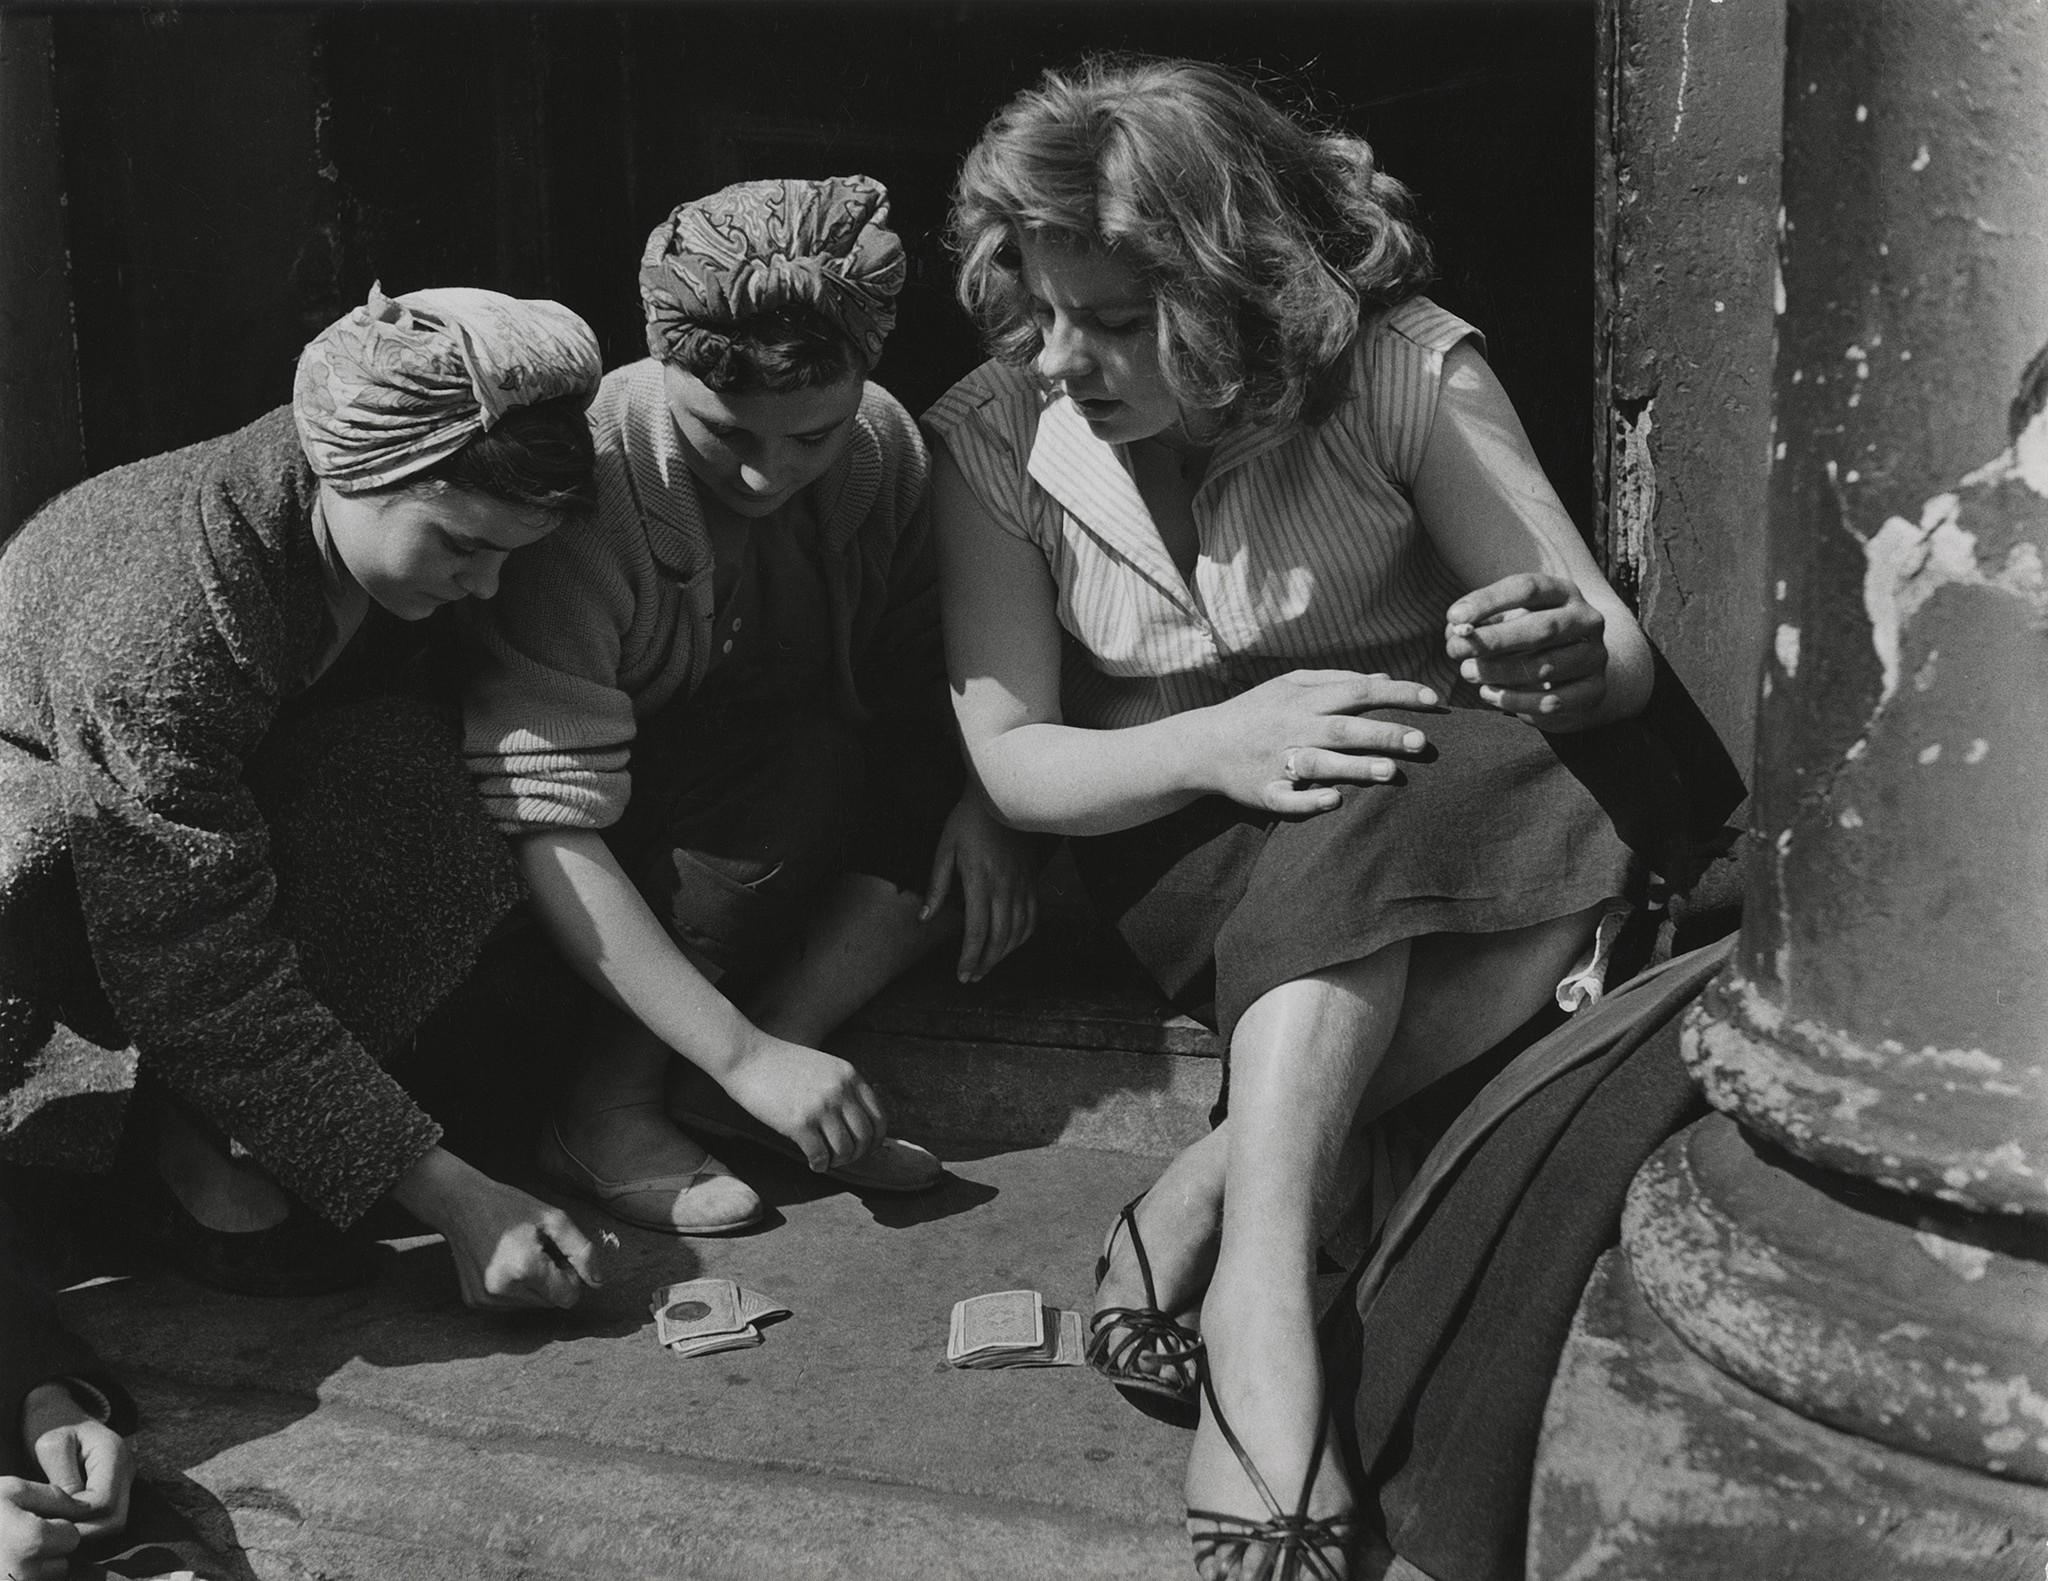 Азартные игры для девочек, Лондон, 1956. Фотограф Роджер Майн